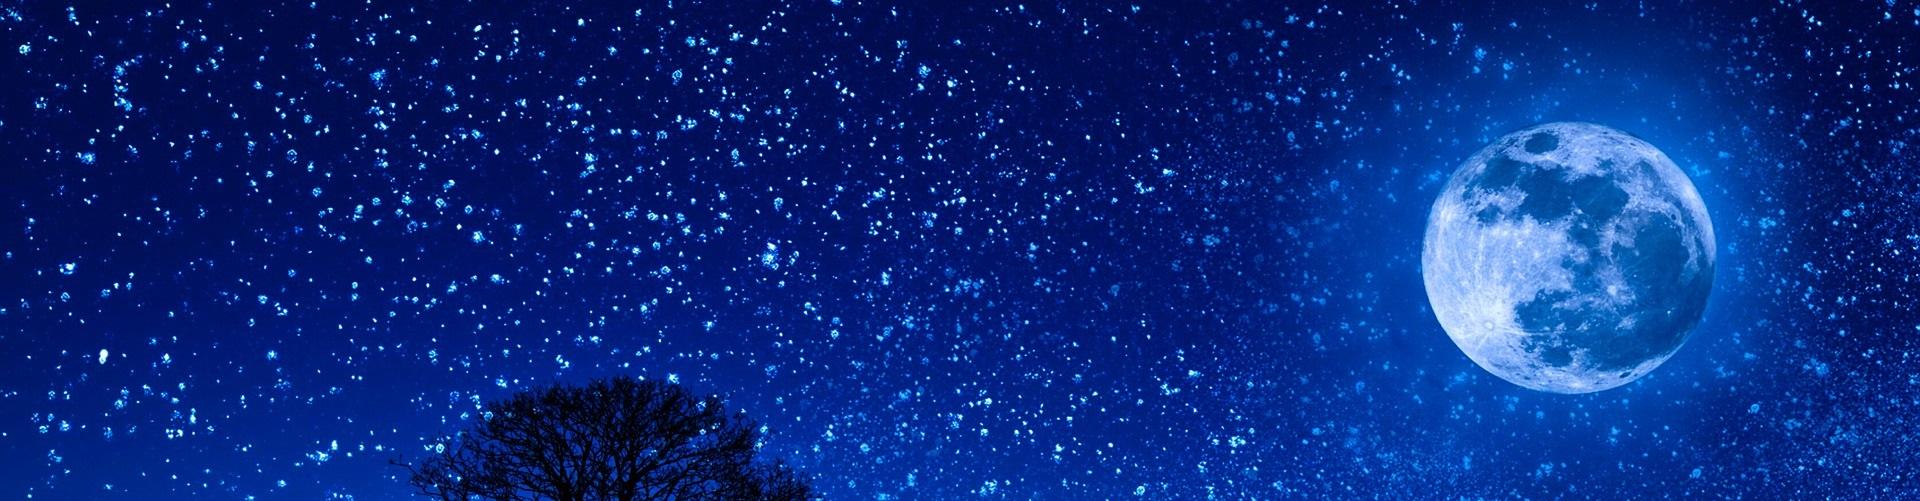 Blå natthimmel med stjärnor och måne.